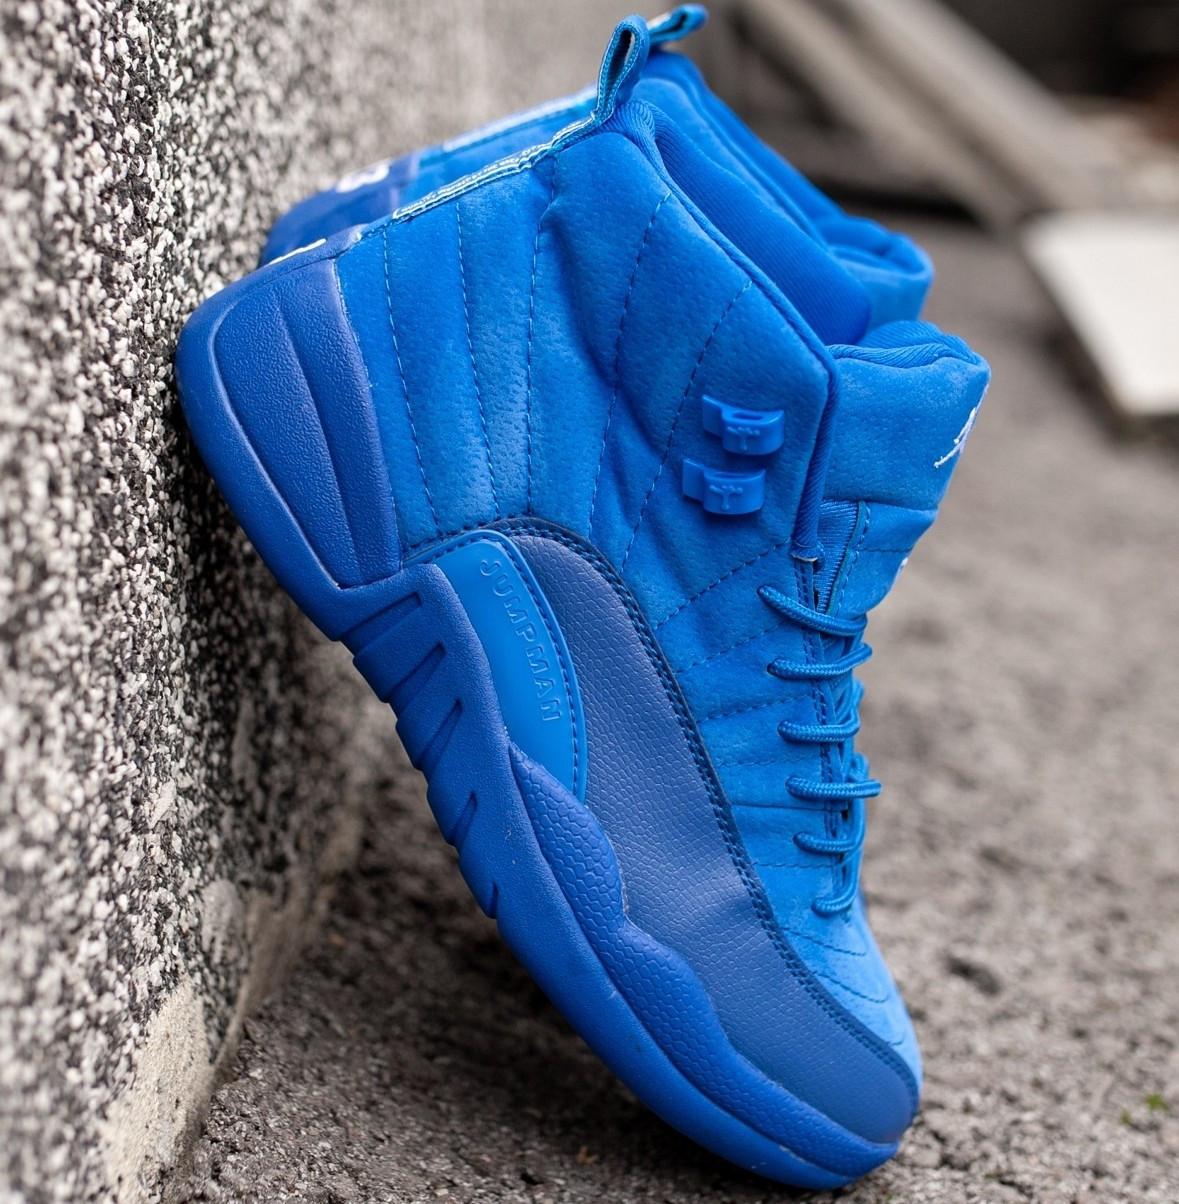 Баскетбольные кроссовки Nike Air Jordan 12 Retro